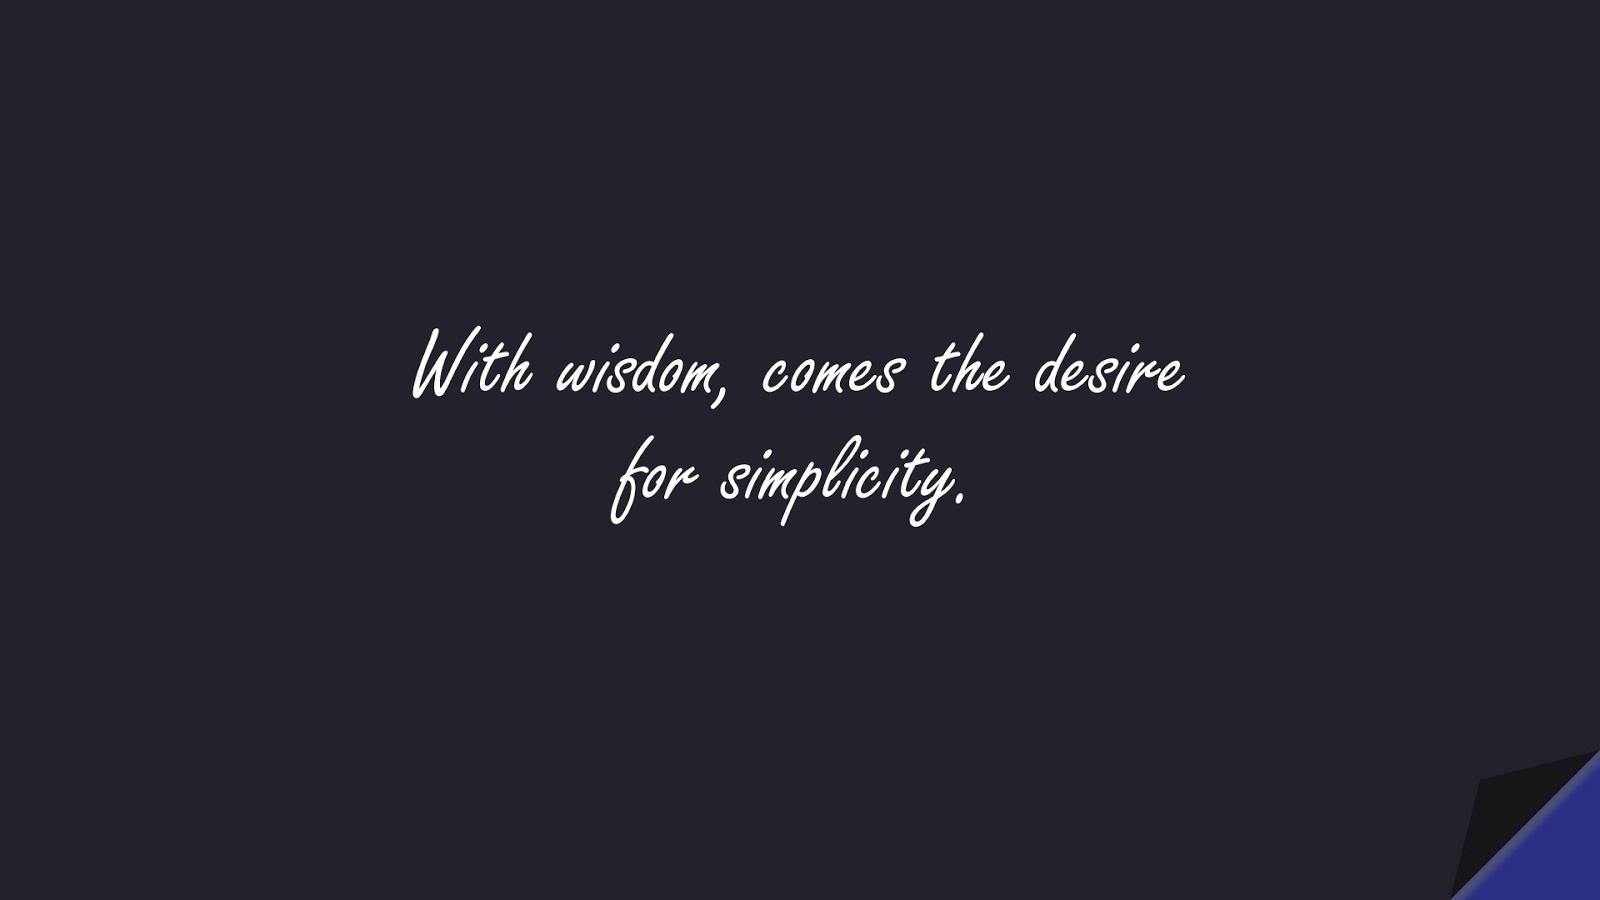 With wisdom, comes the desire for simplicity.FALSE